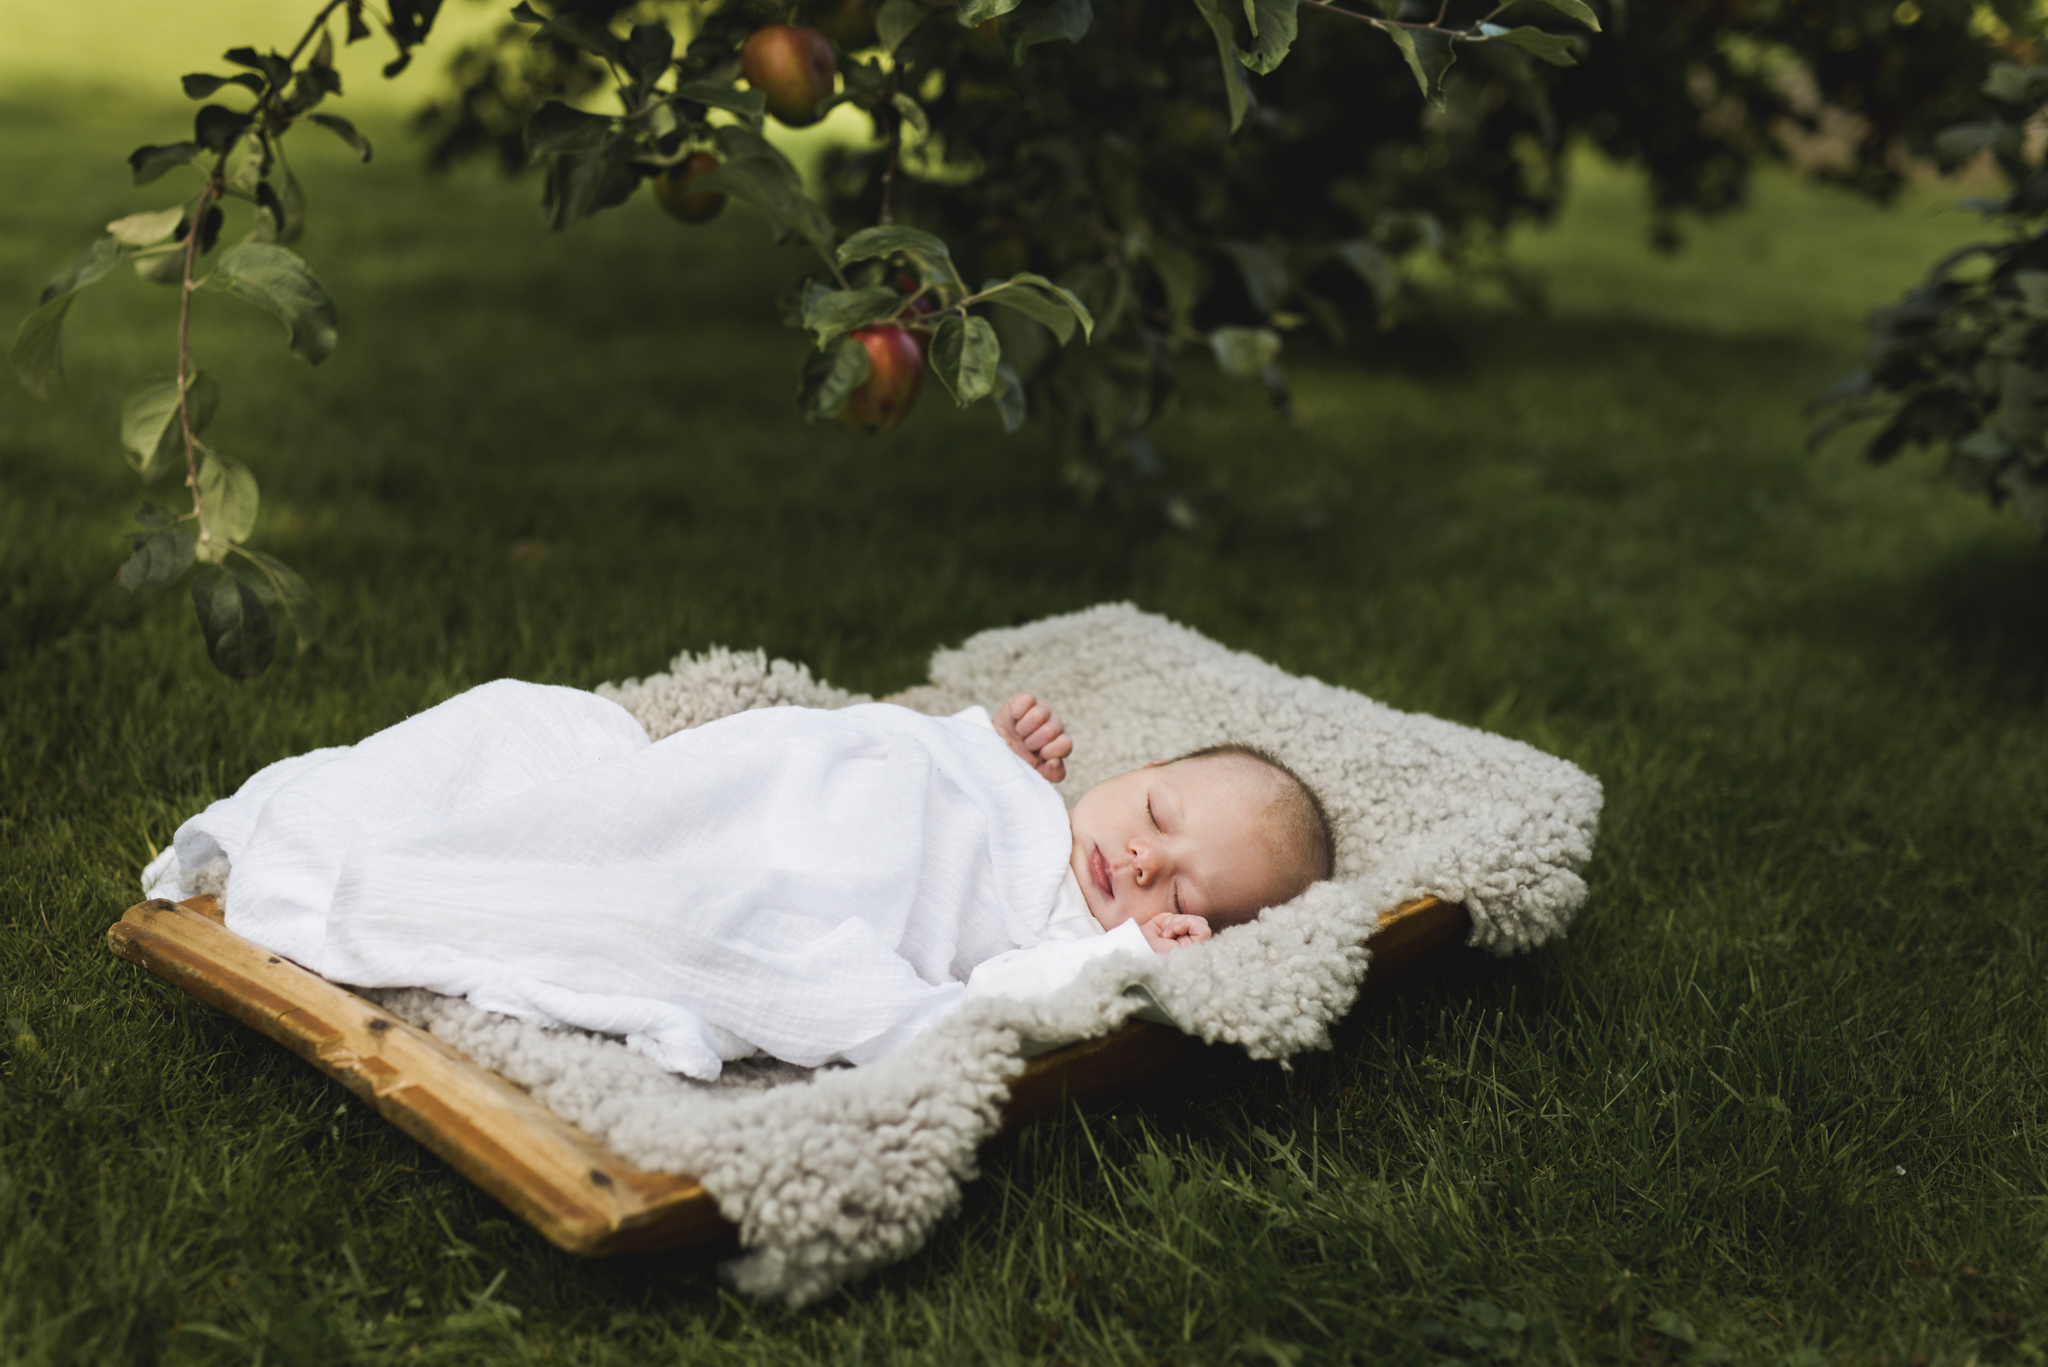 Nyfødtbilder ute